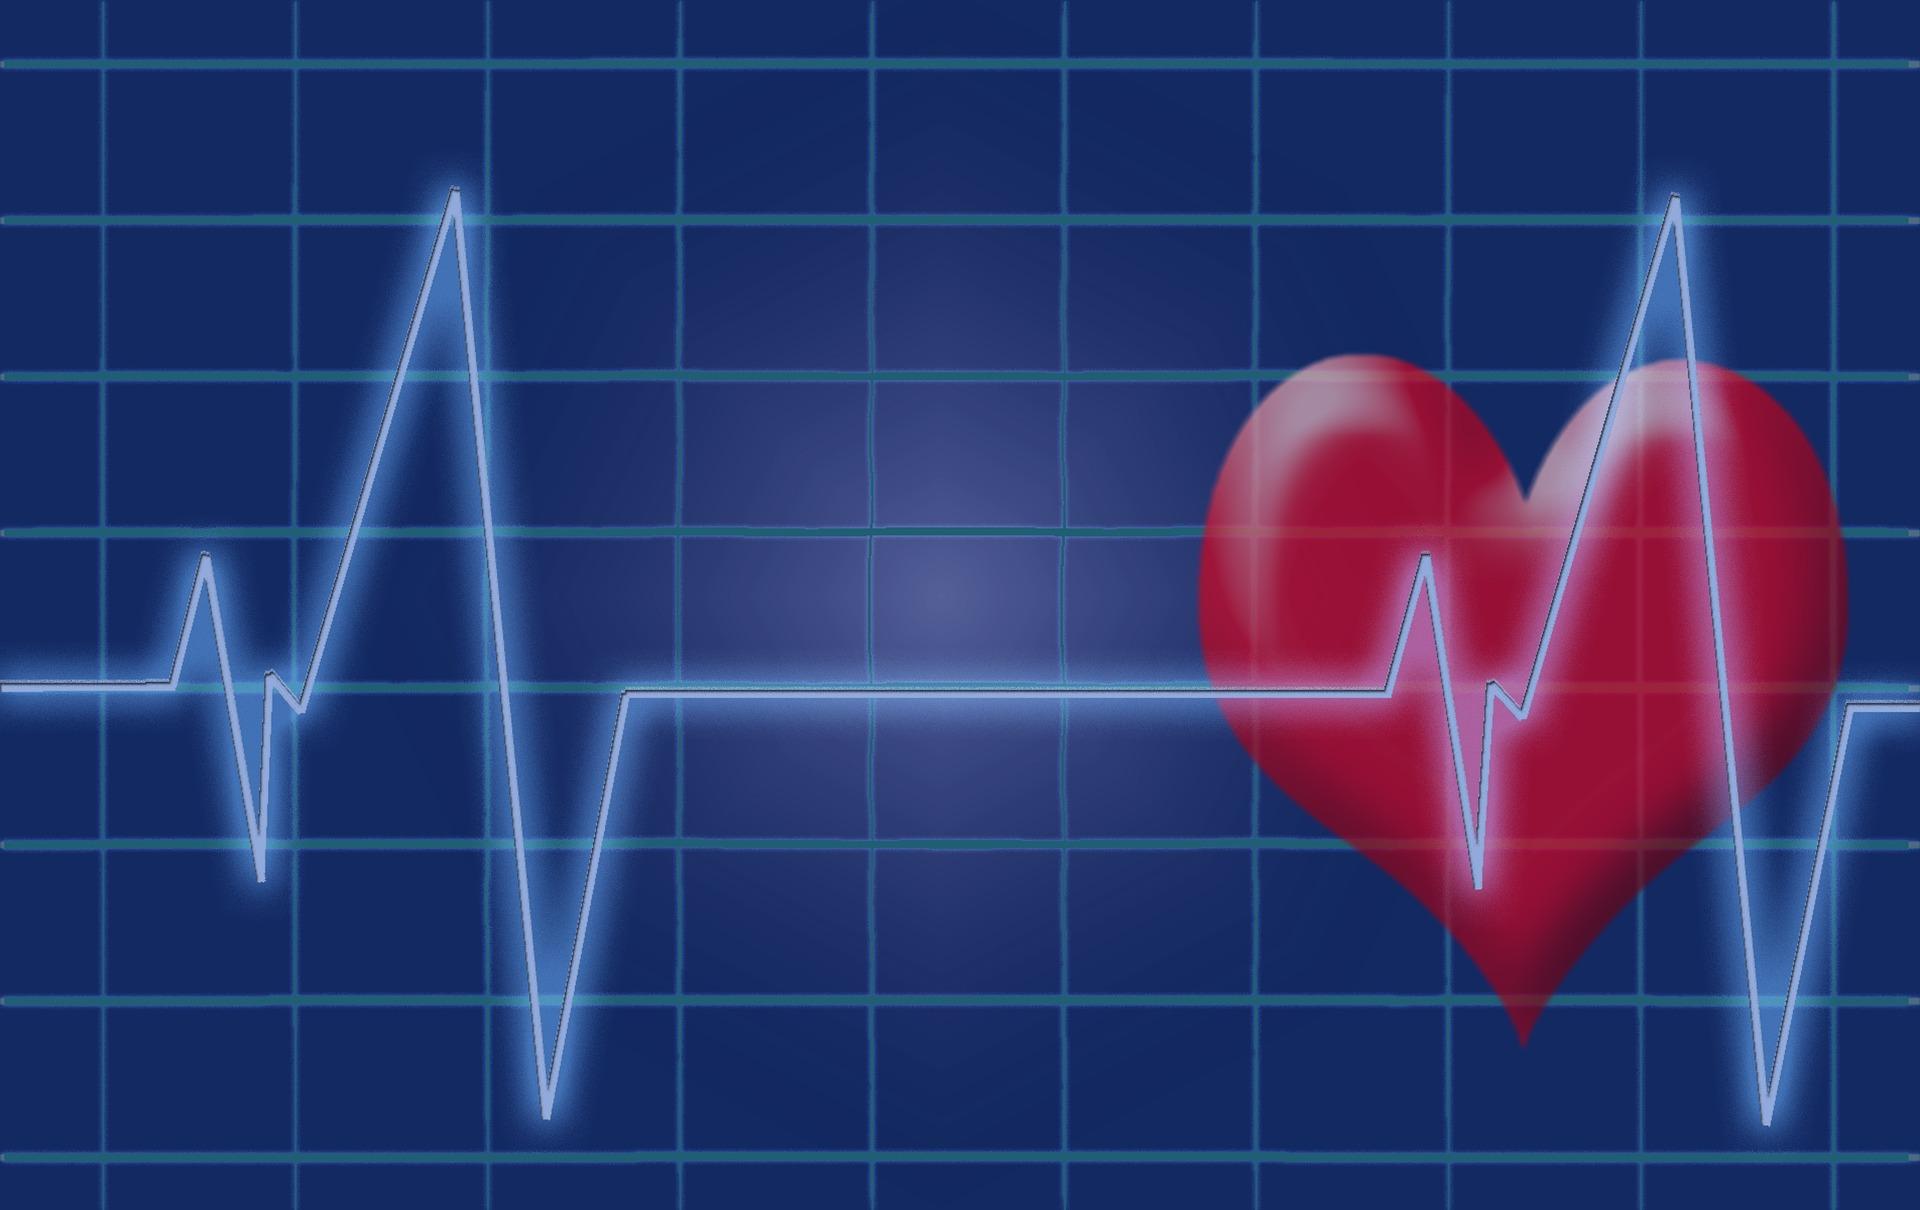 heartbeat (fernsehserie, 2019)